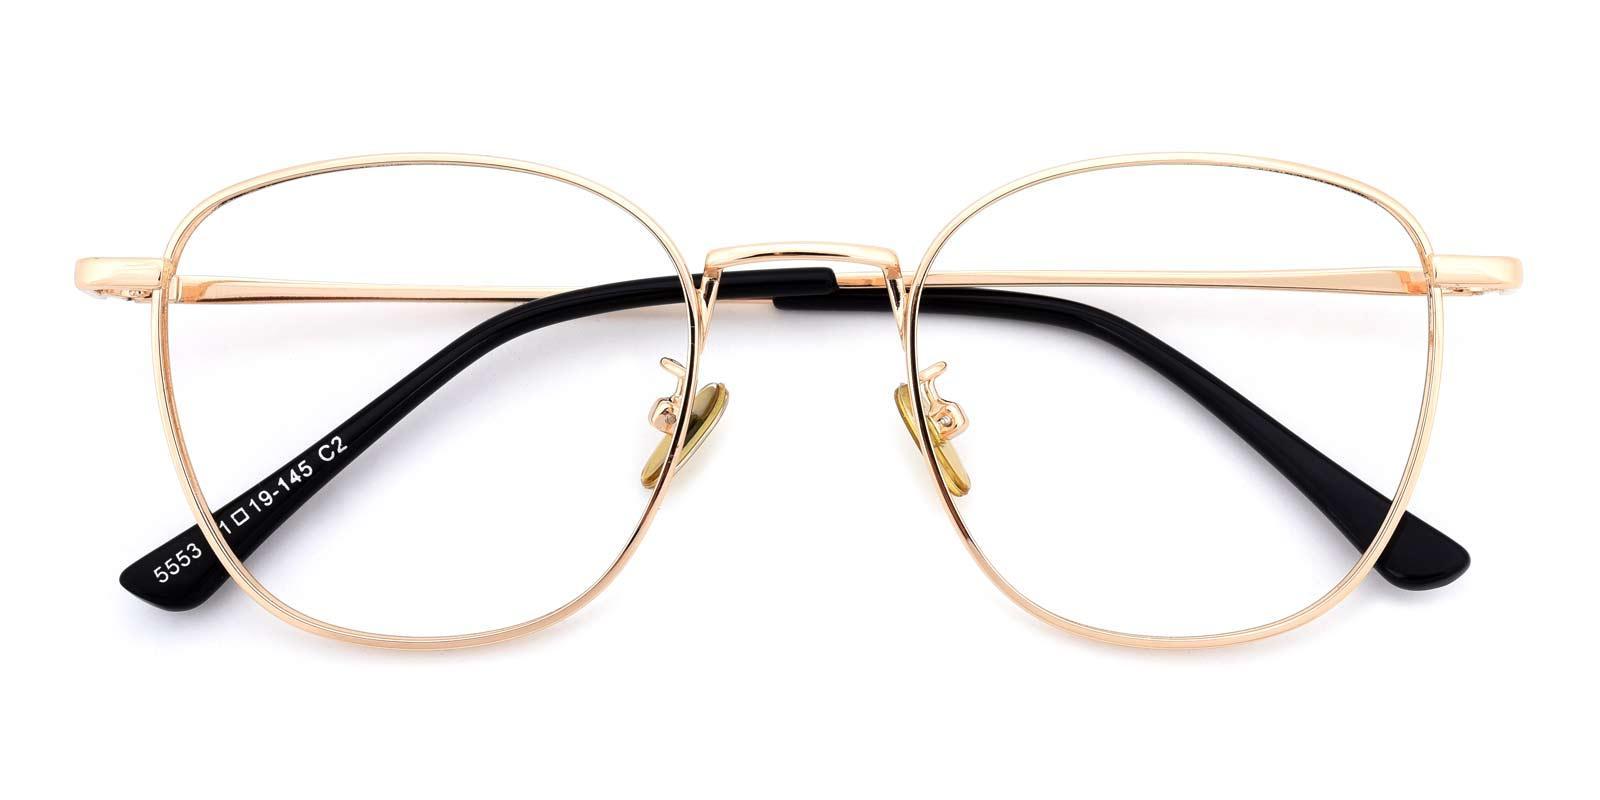 Richard-Gold-Square-Metal-Eyeglasses-detail